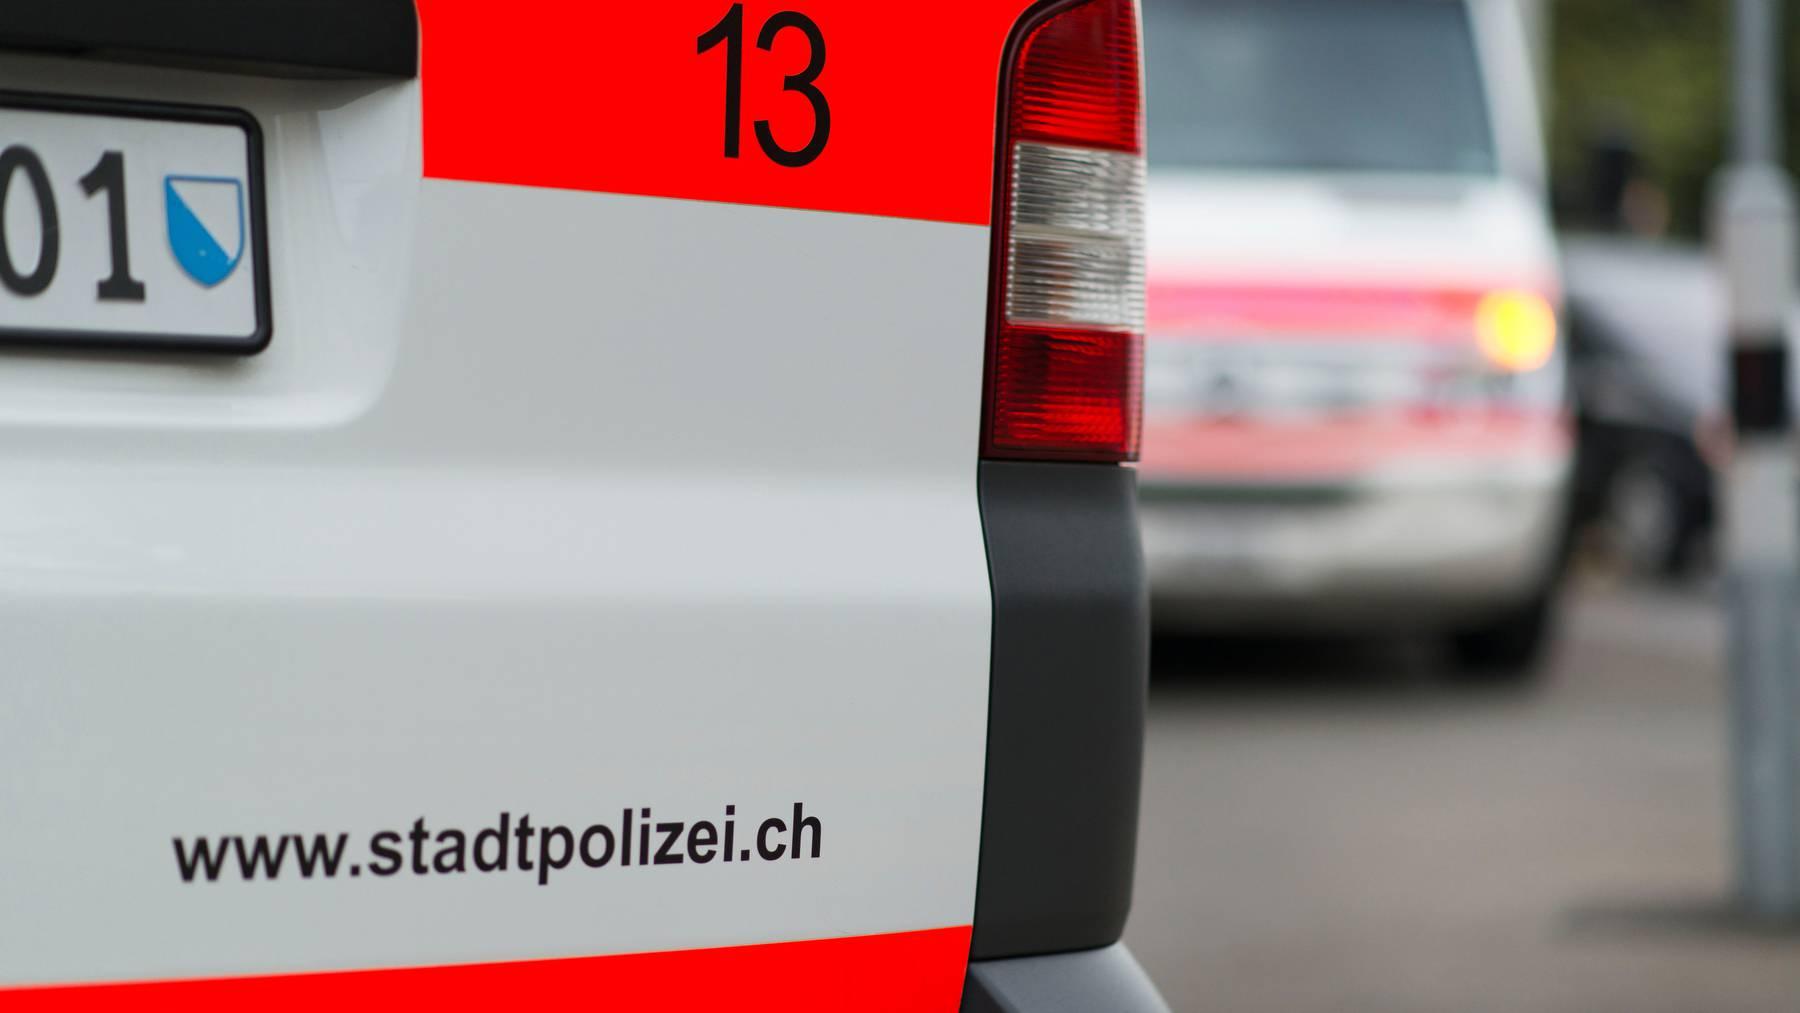 Die Stadtpolizei Zürich hat nach der anonymen Drohung keine verdächtigen Gegenstände in der betreffenden Kita gefunden. (Symbolbild)